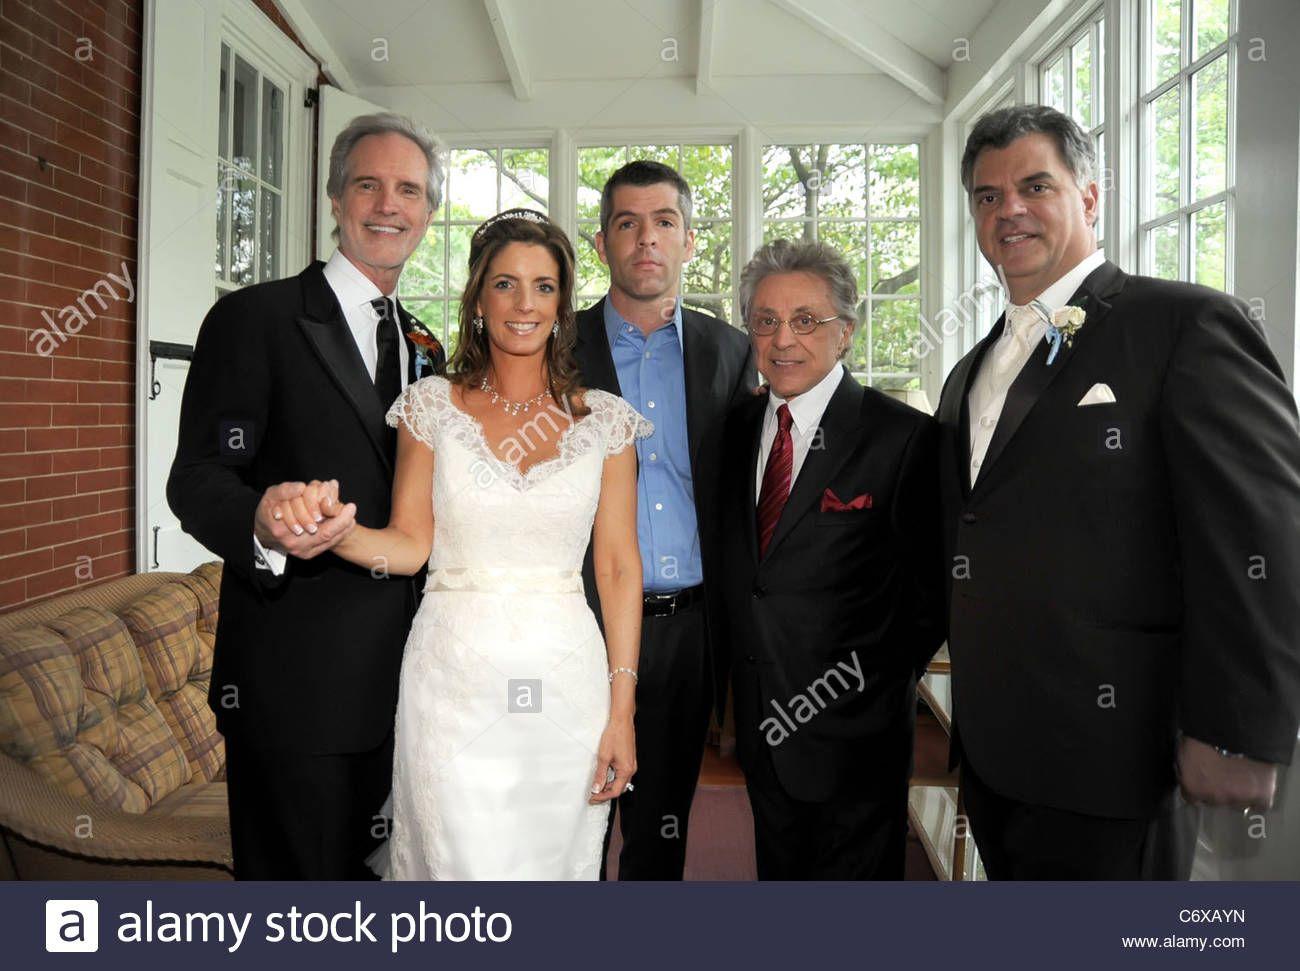 Jersey Boys Mary Delgado Valli Obituary Wwwtollebildcom